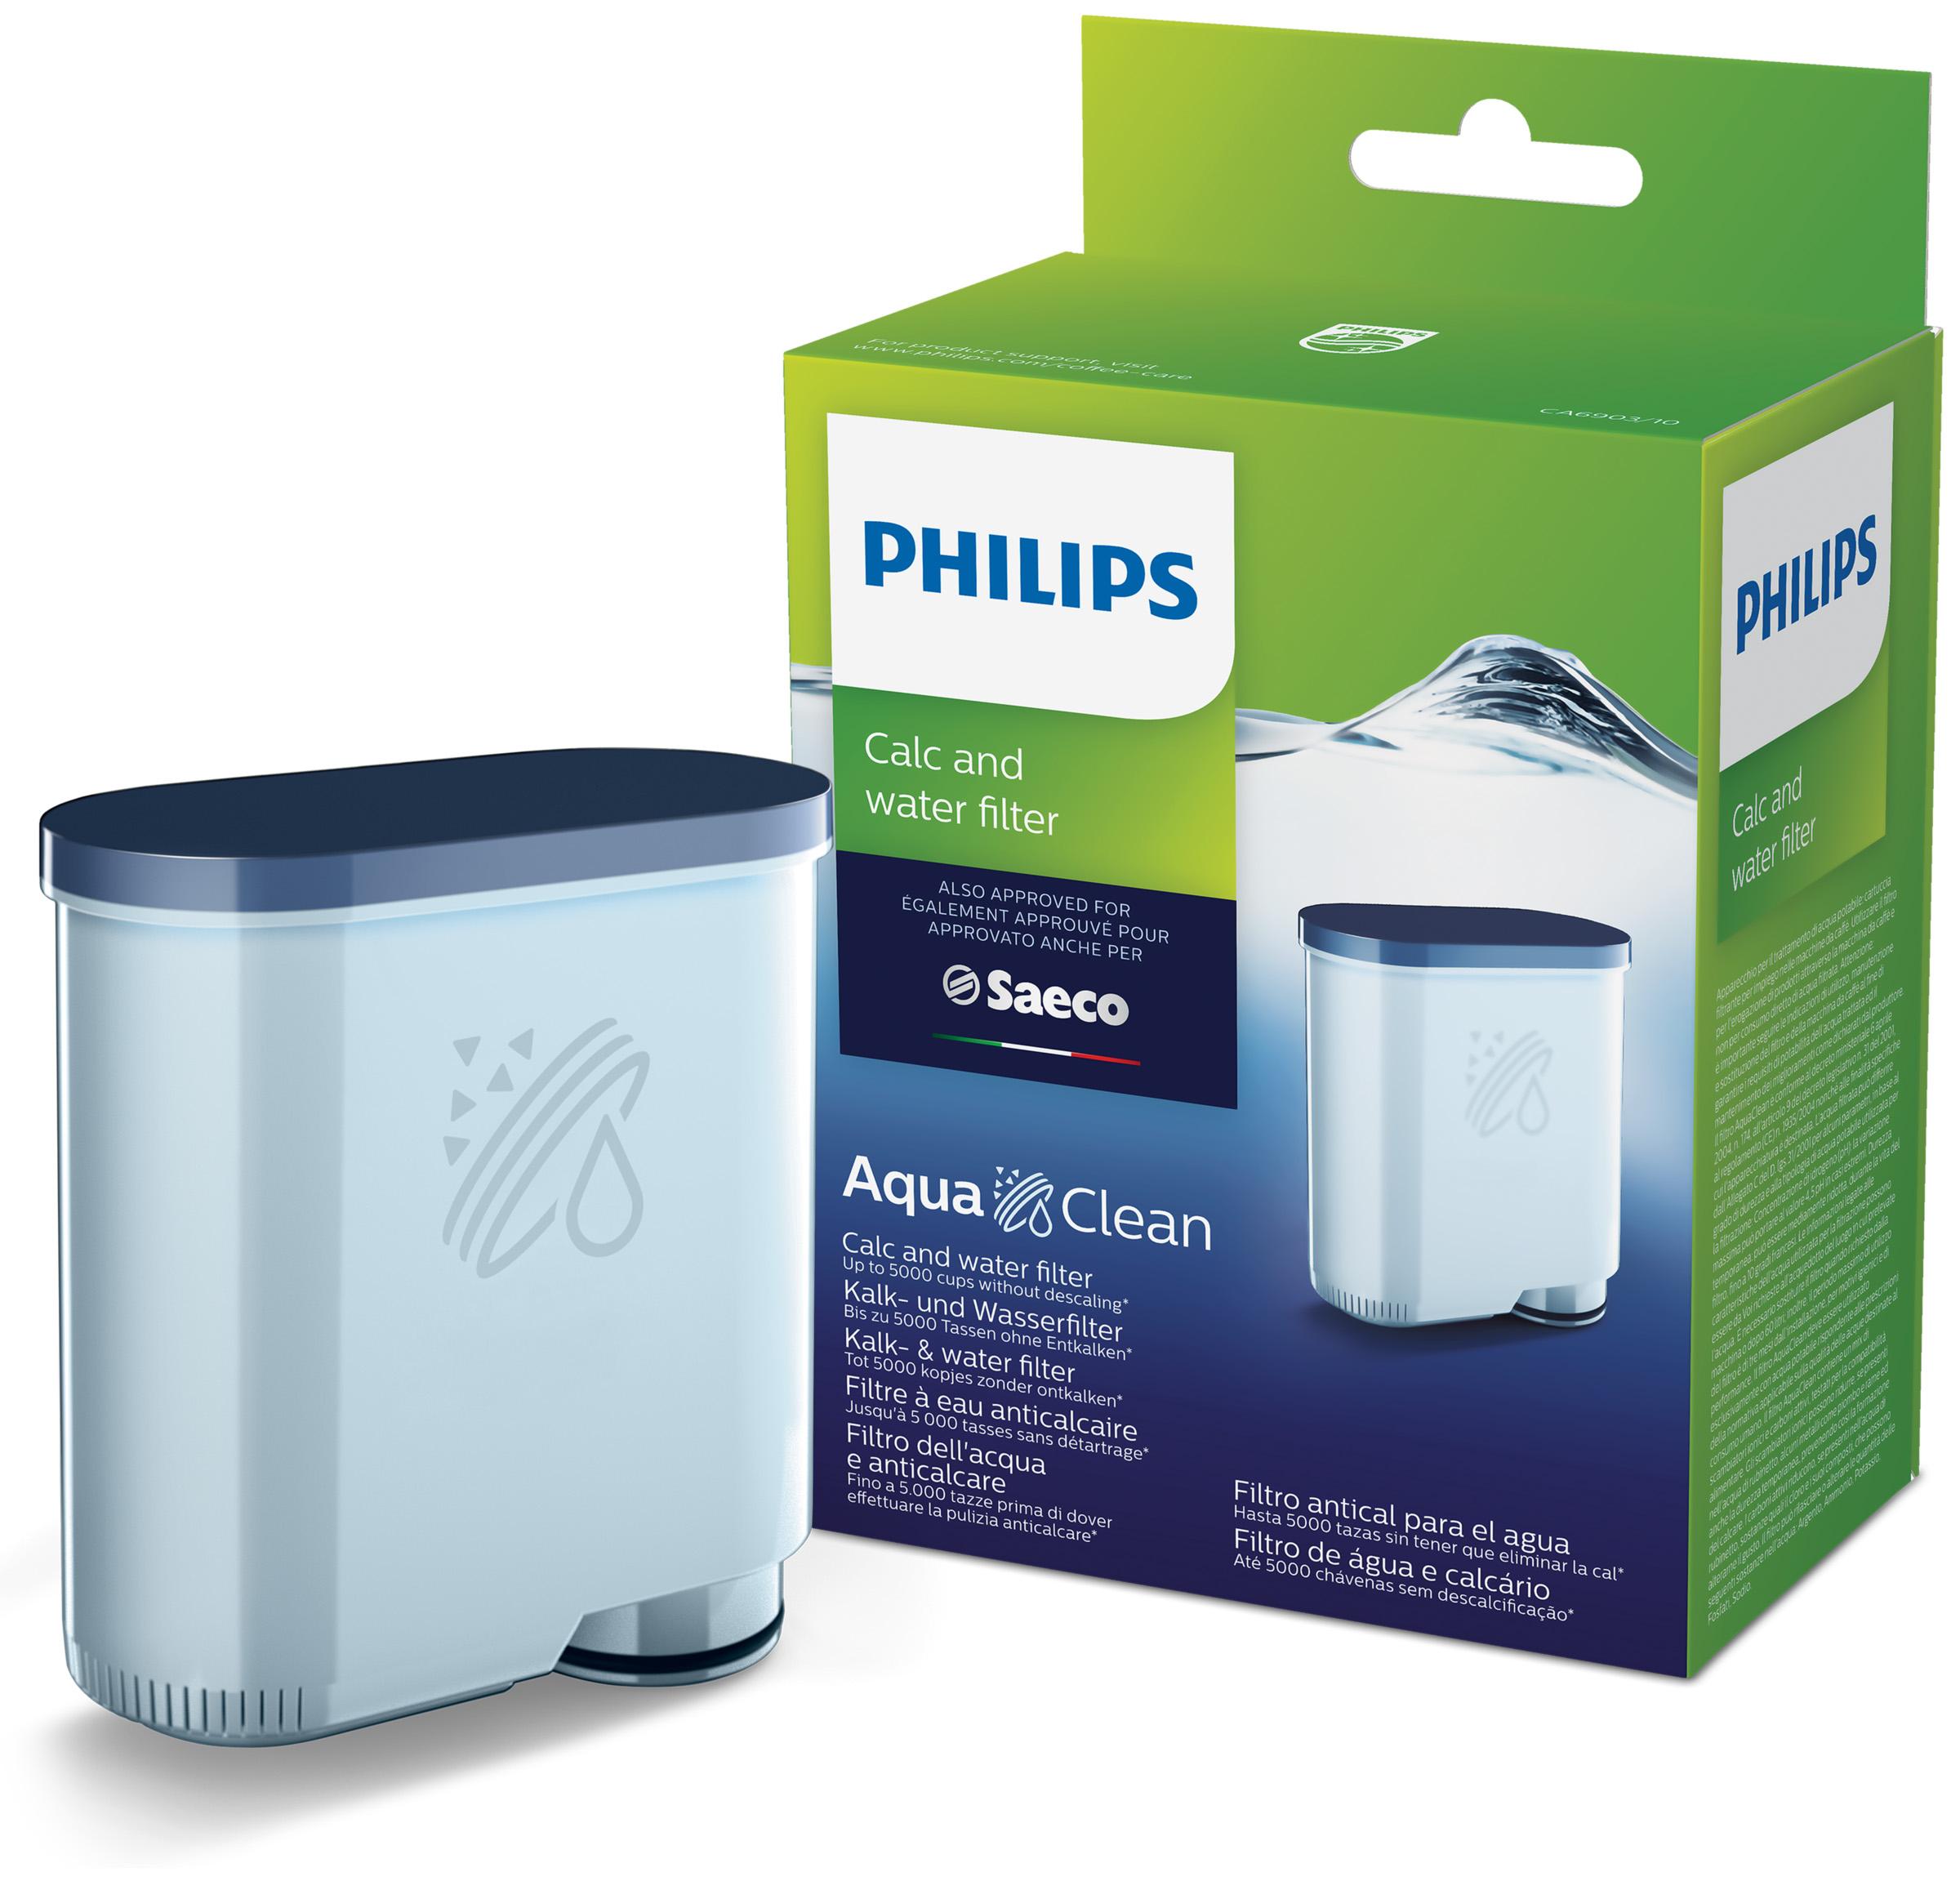 Philips CA6903/10 AquaClean фильтр для воды для кофемашины propre p010 ac4147 в дополнение к фильтру фильтра формальдегида philips фильтр для очистки воздуха для ac4076 ac4014 ac4016